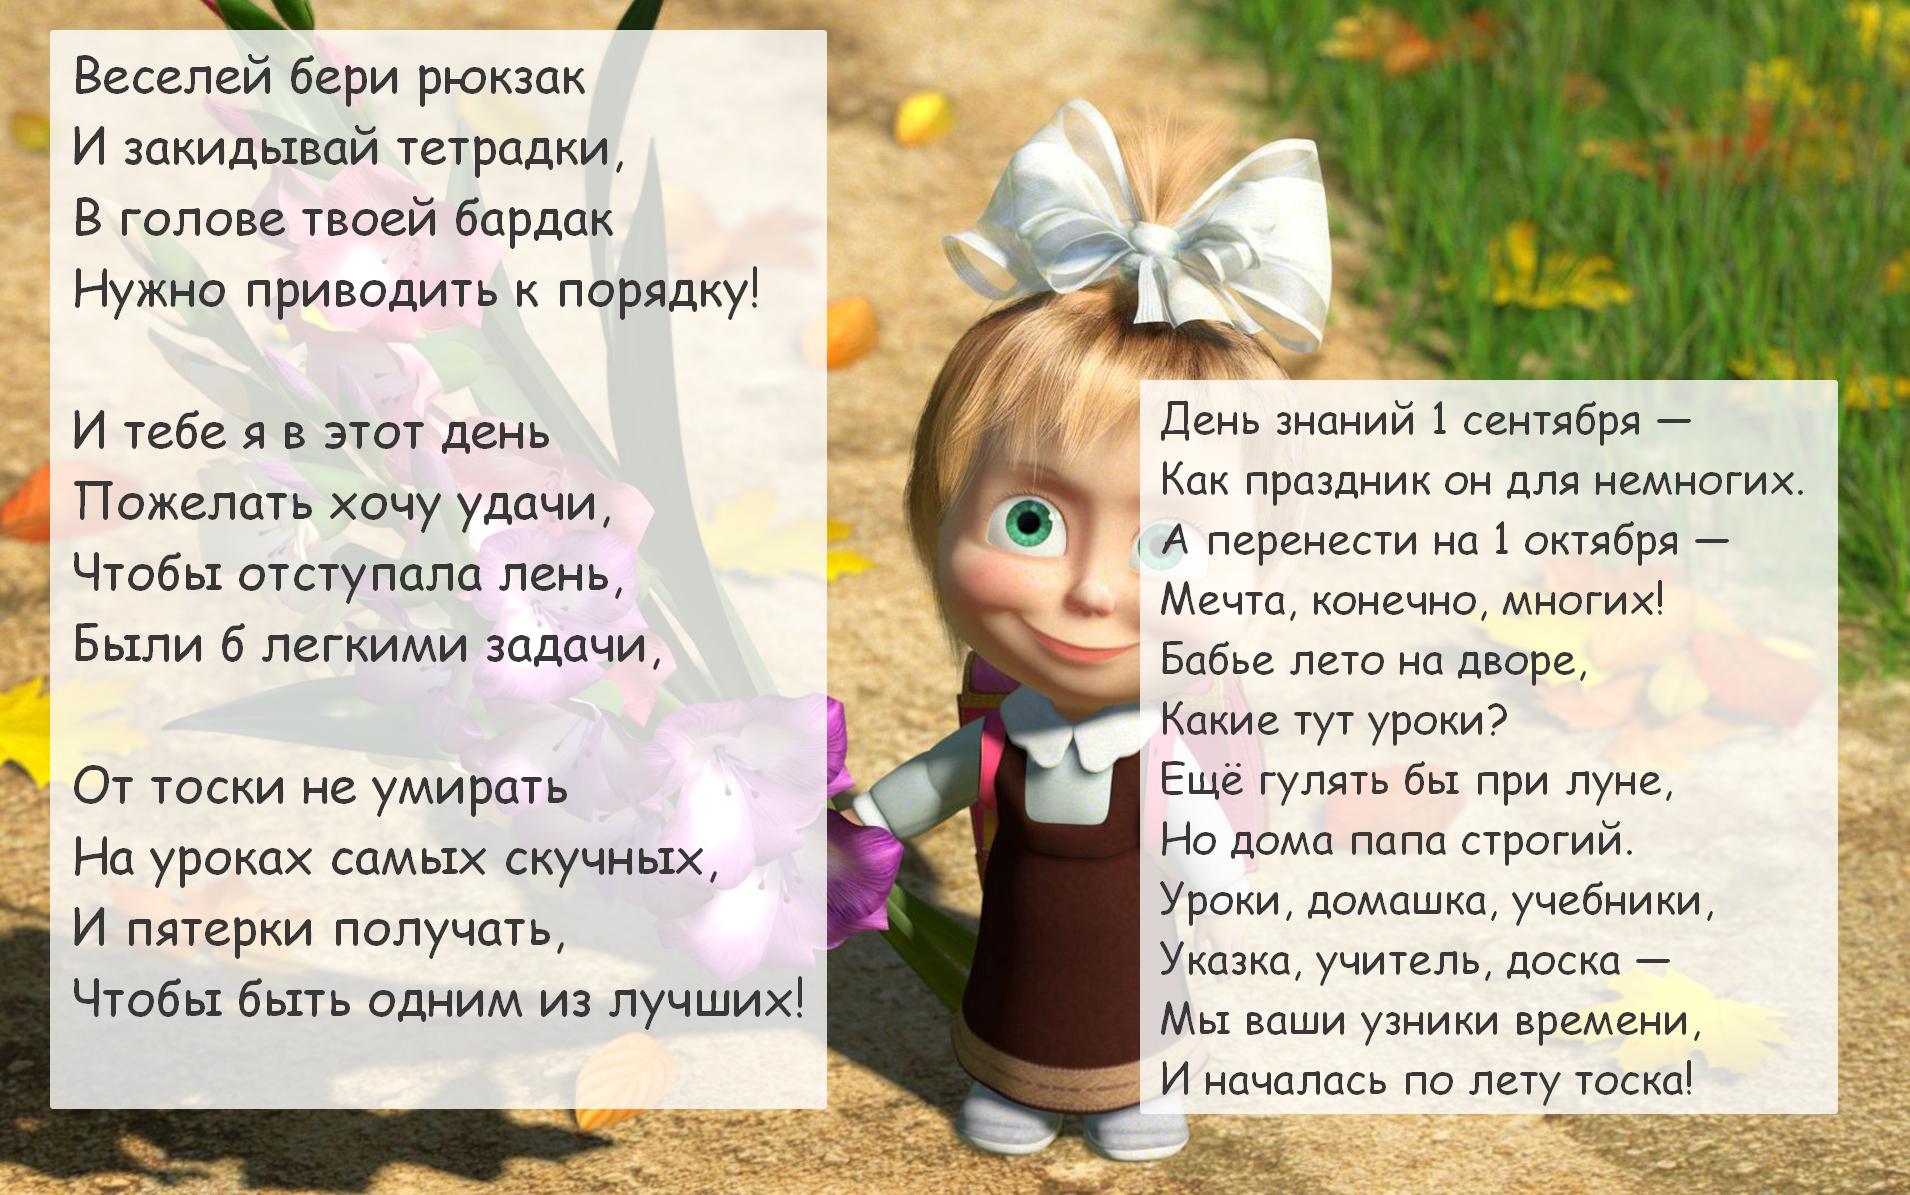 Днем знаний - началом учебного года для детей (учеников) 74